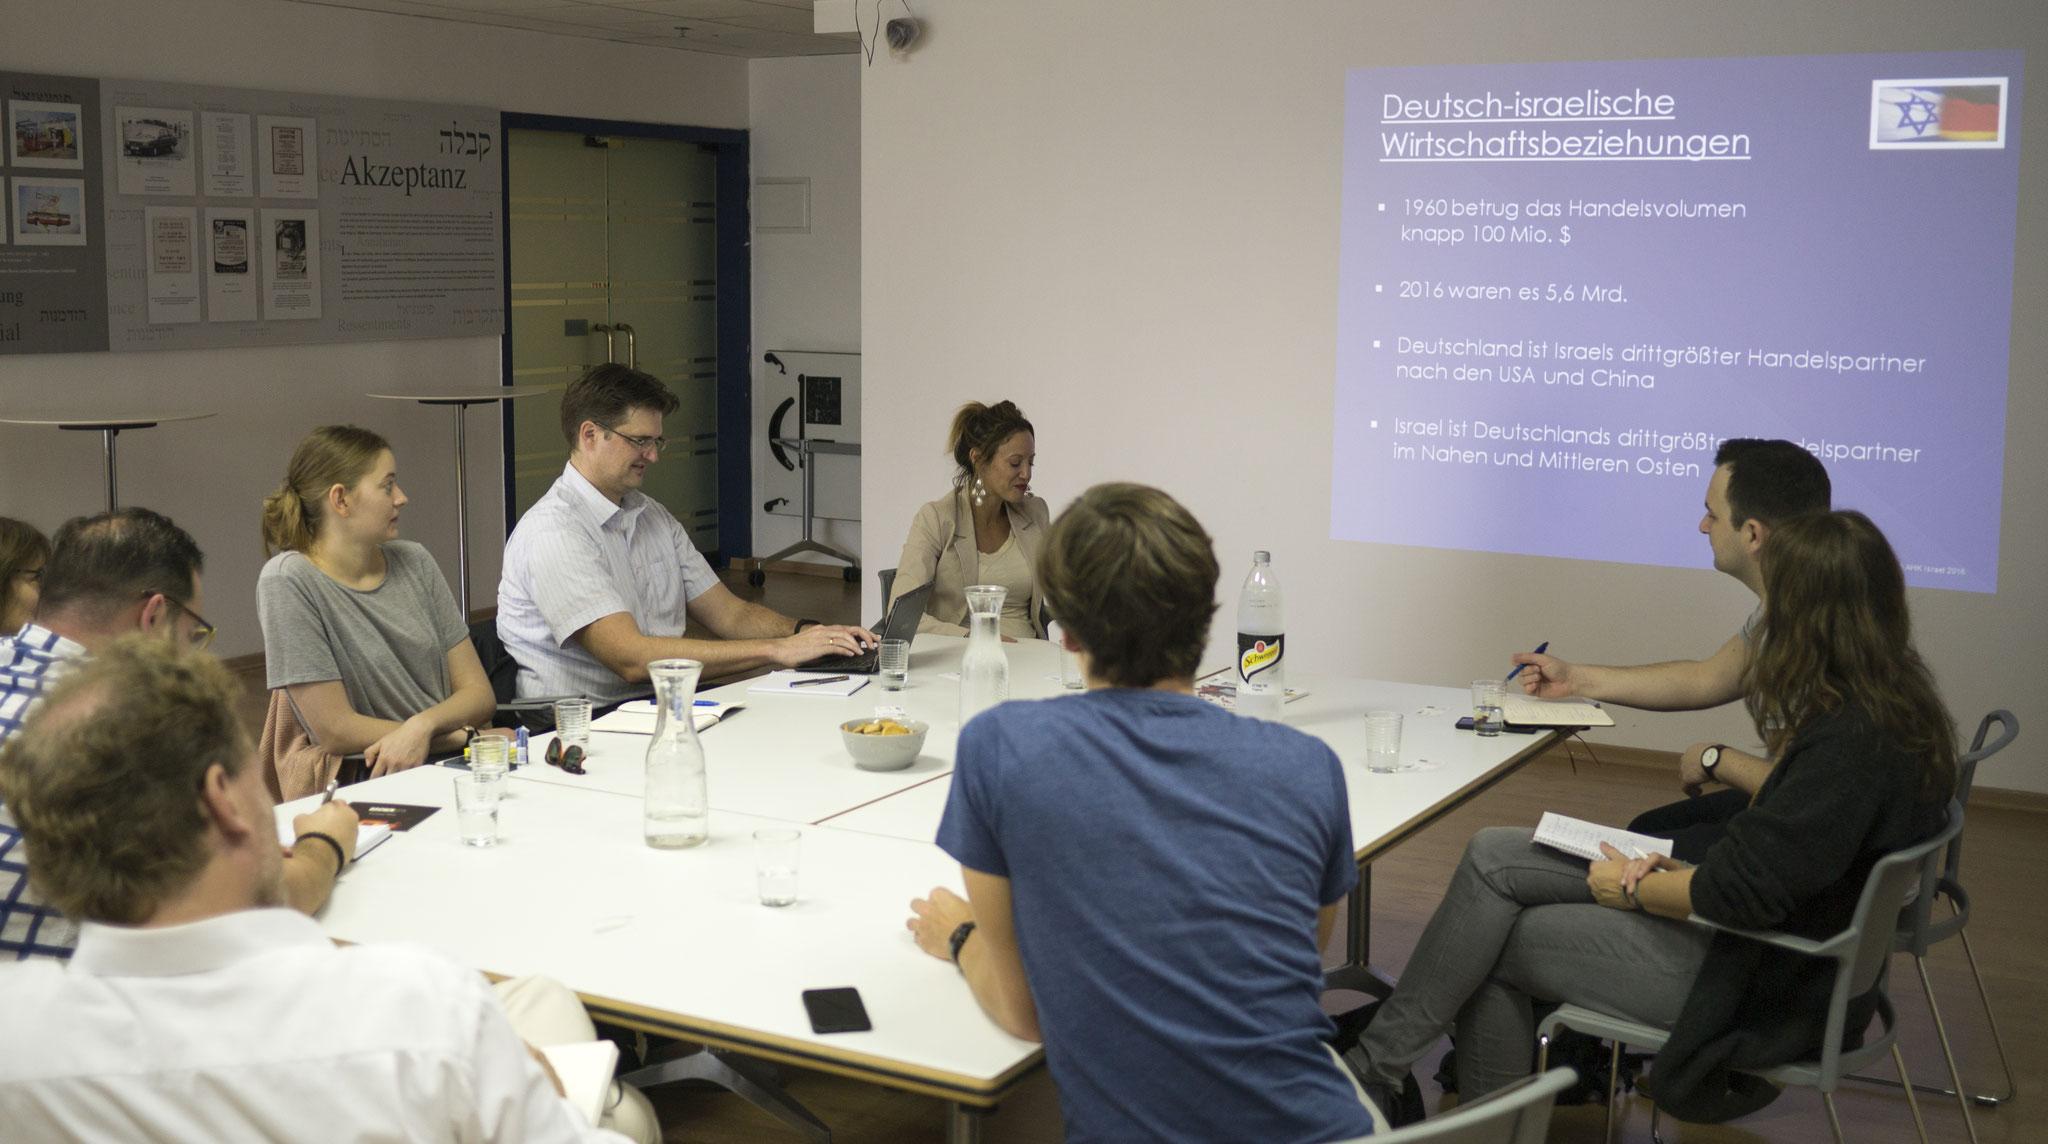 Input für das JDB Team:  Wir wollen verstehen, warum israelische Start-ups so erfolgreich sind